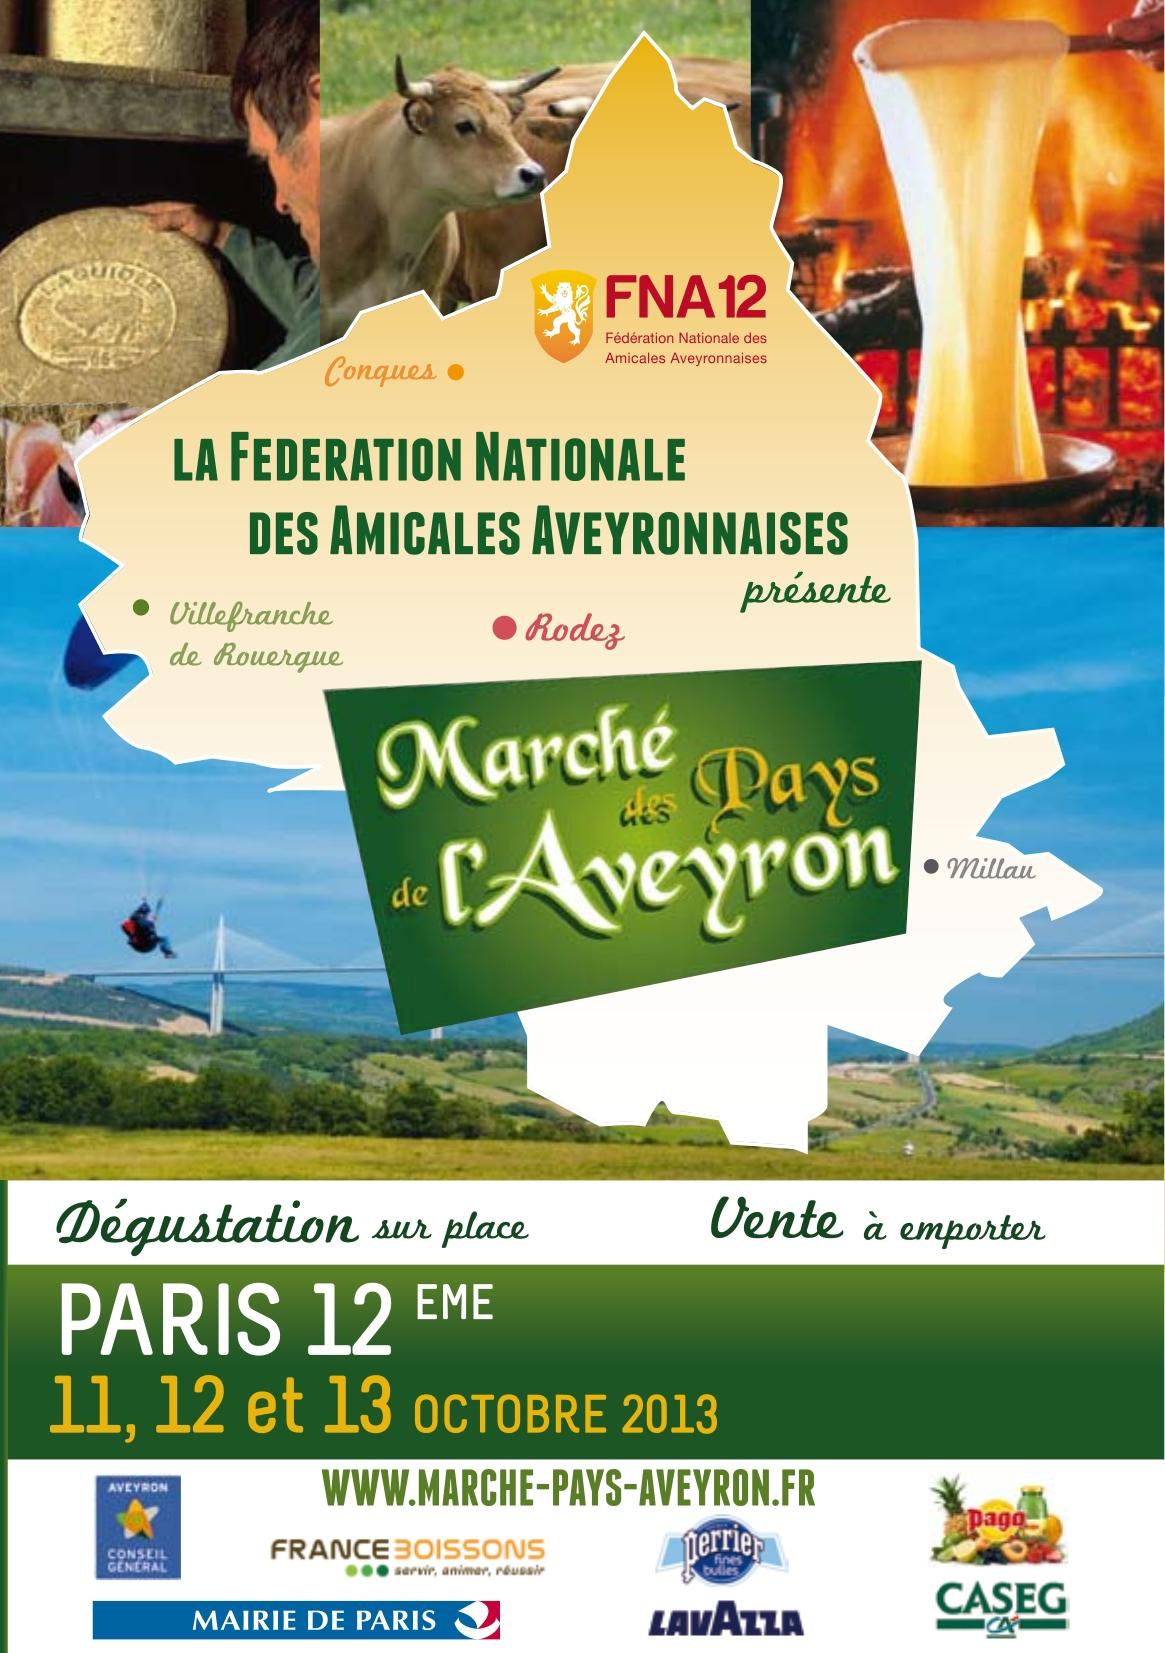 (c) Marché de l'Aveyron